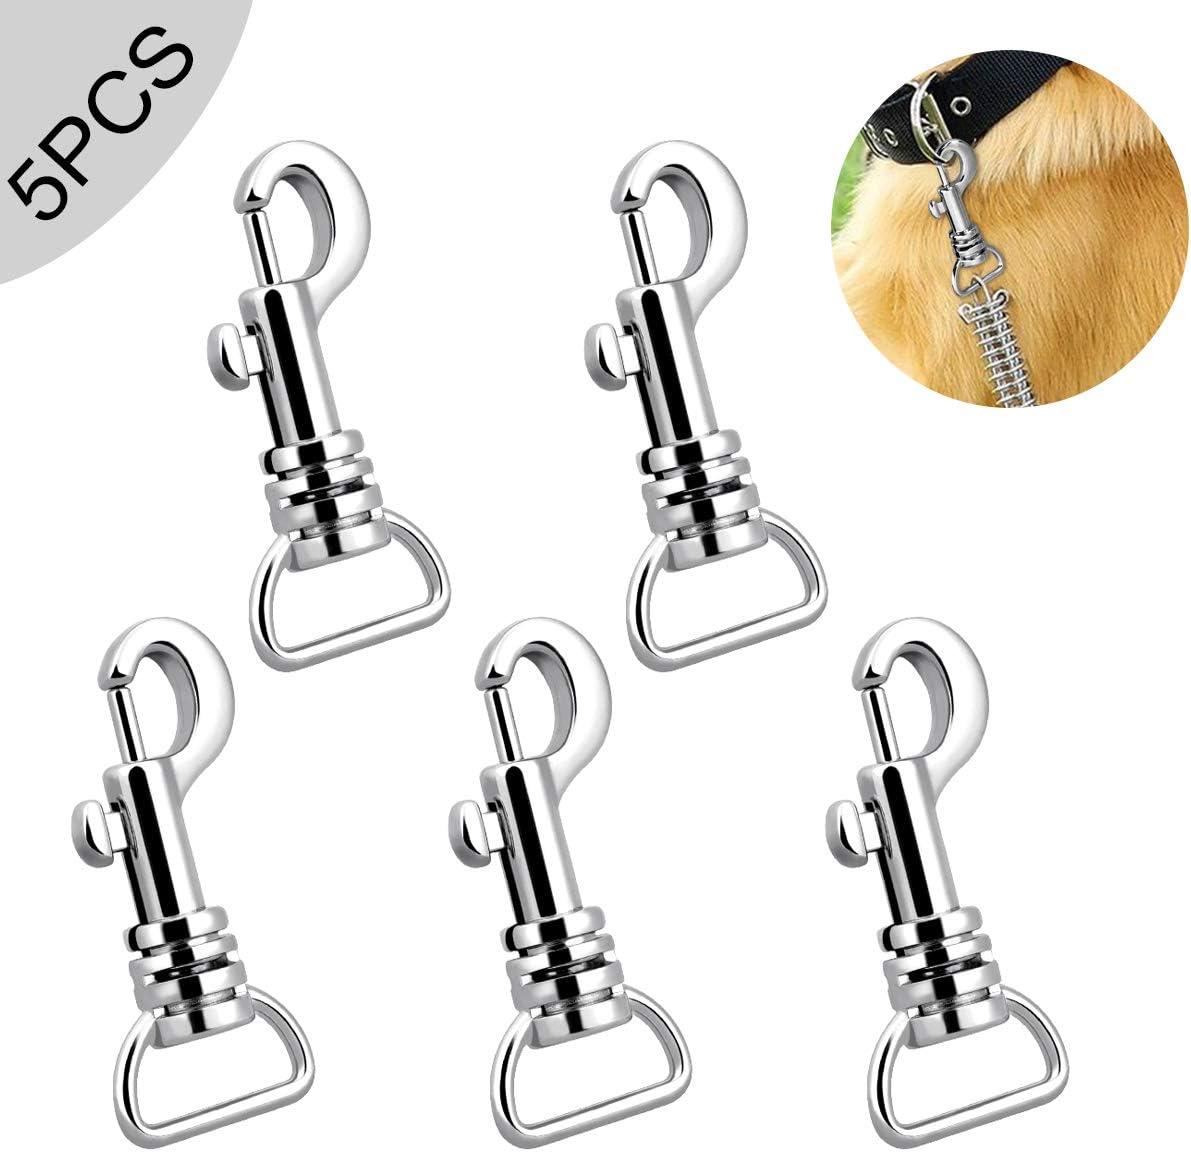 6pcs Dorado Multiusos aleaci/ón Ronda de Resorte de Ajuste con Gancho de Clip mosquet/ón 25 mm Gancho Snap Llavero Mano Crafts DIY Accesorios